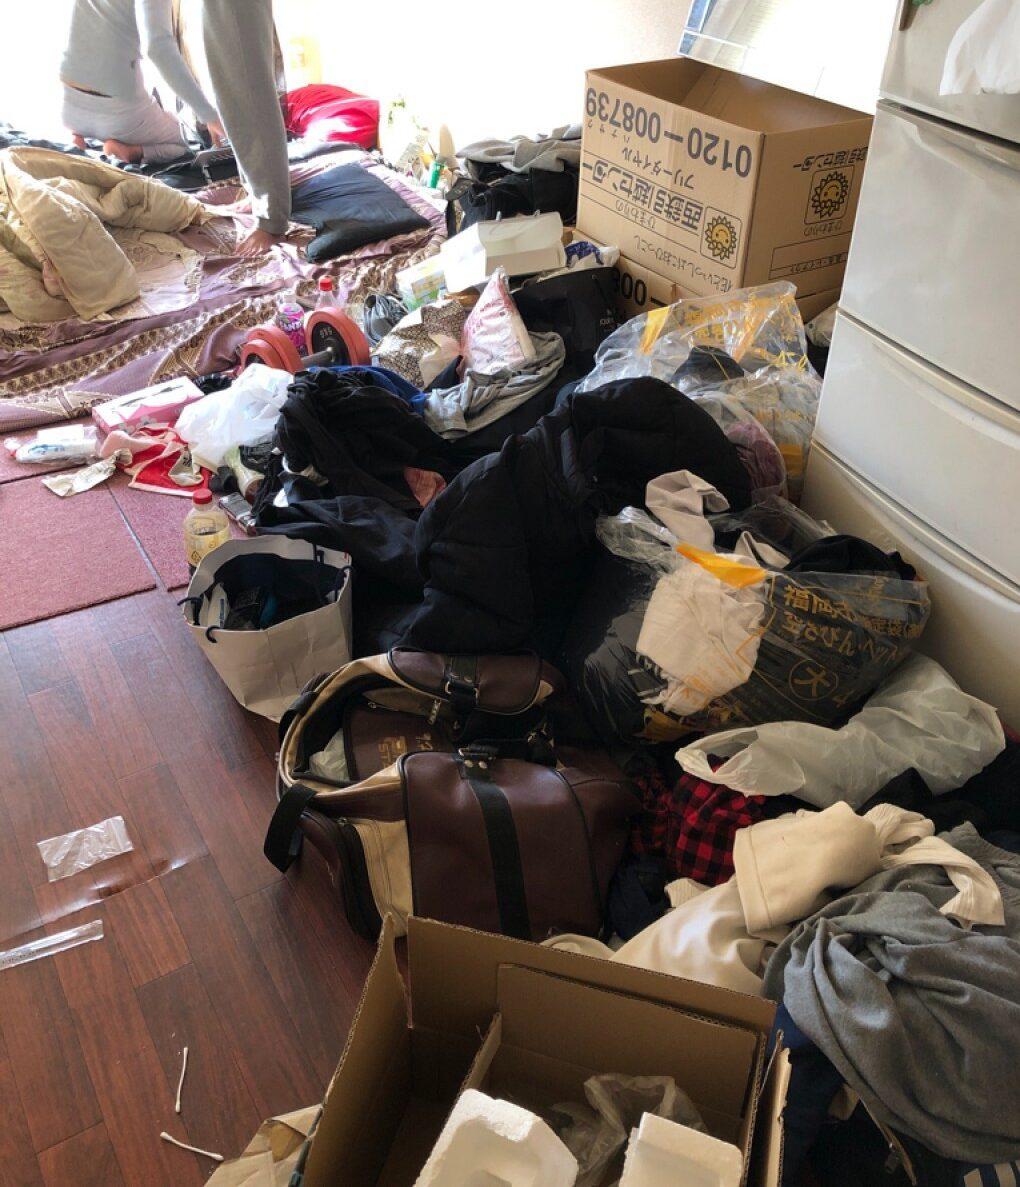 【福岡市中央区】部屋の片付けと不用品の回収・処分ご依頼